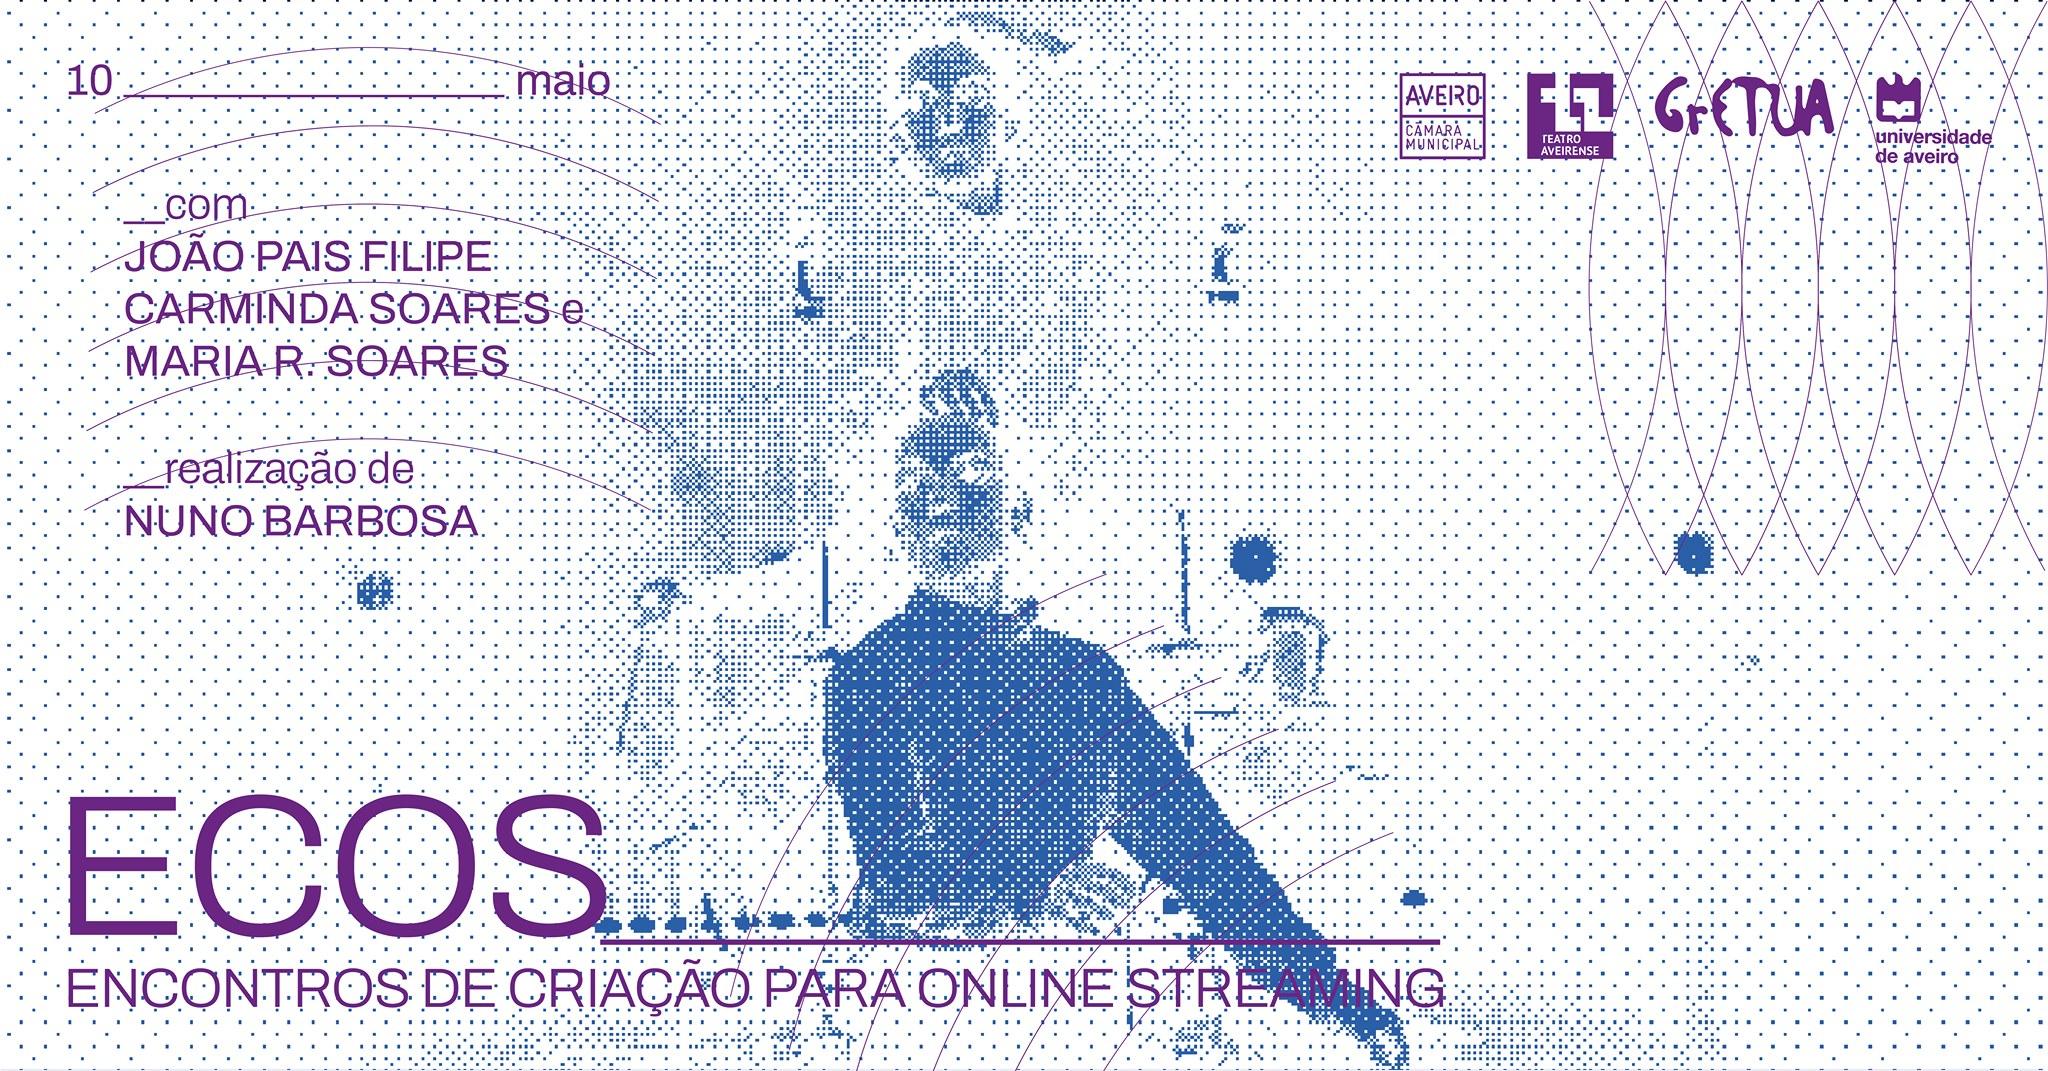 ECOS_ com João Pais Filipe, Carminda Soares e Maria R. Soares